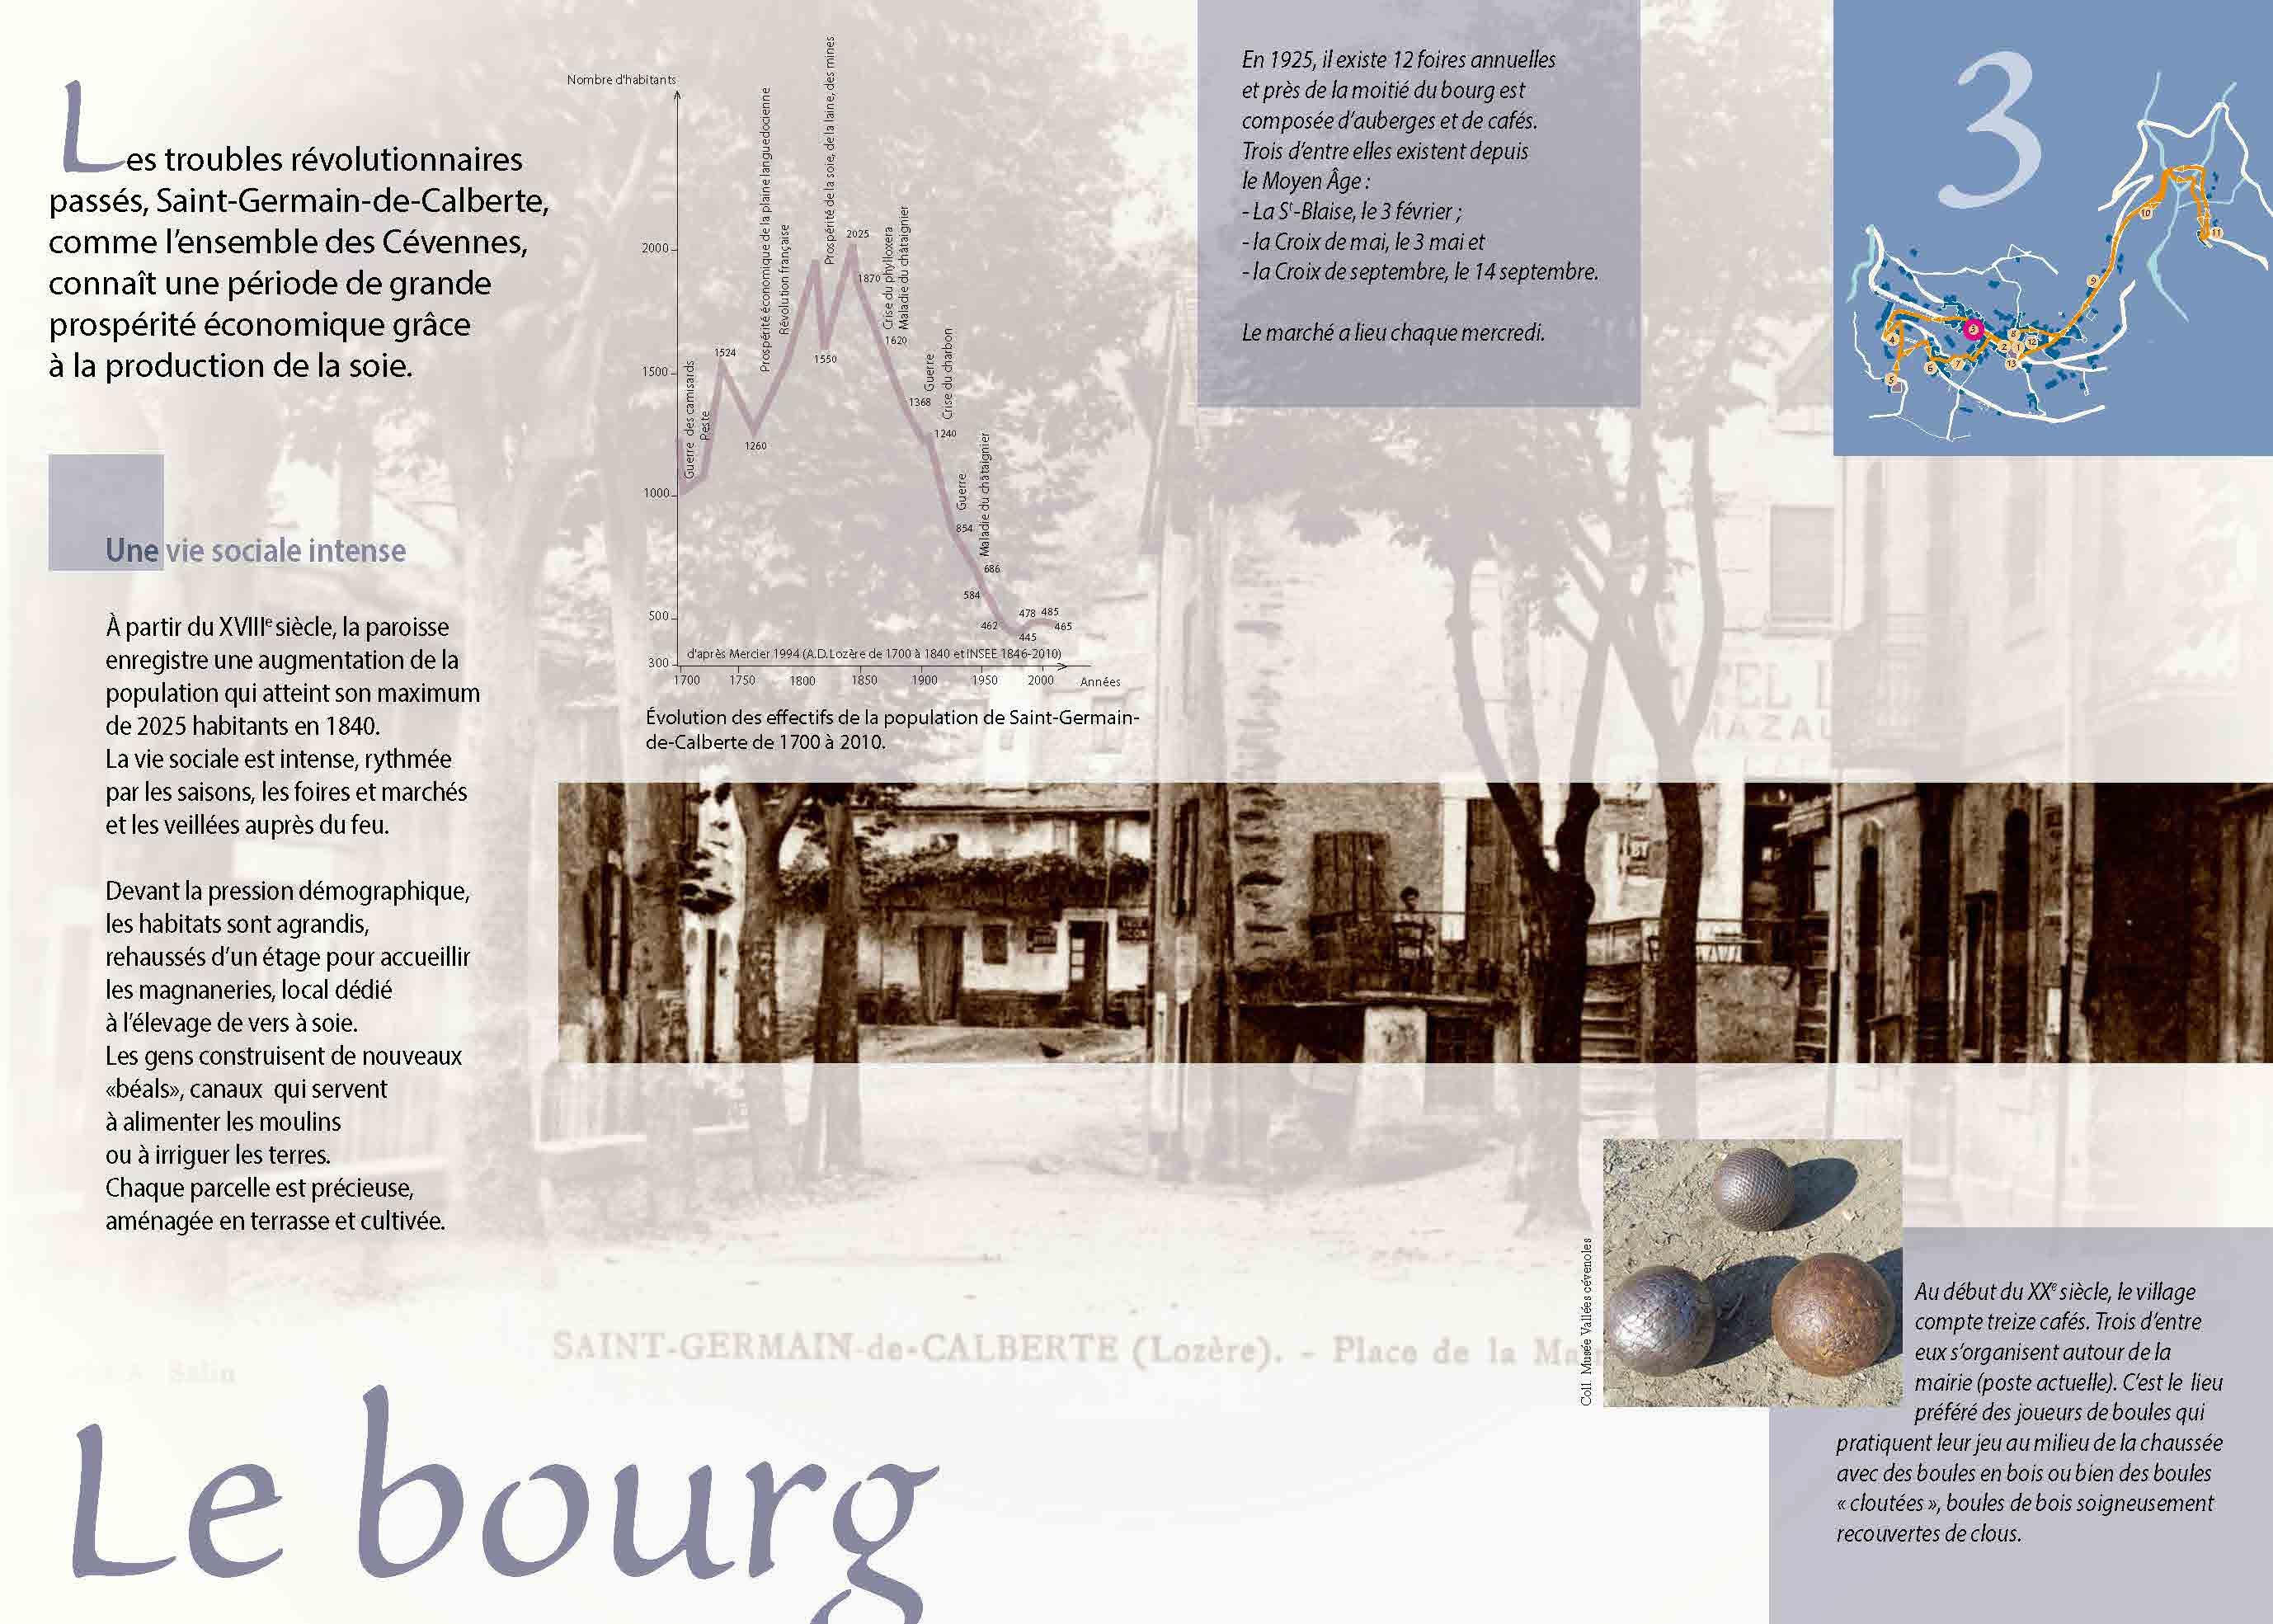 Le bourg de Saint-Germain-de-Calberte